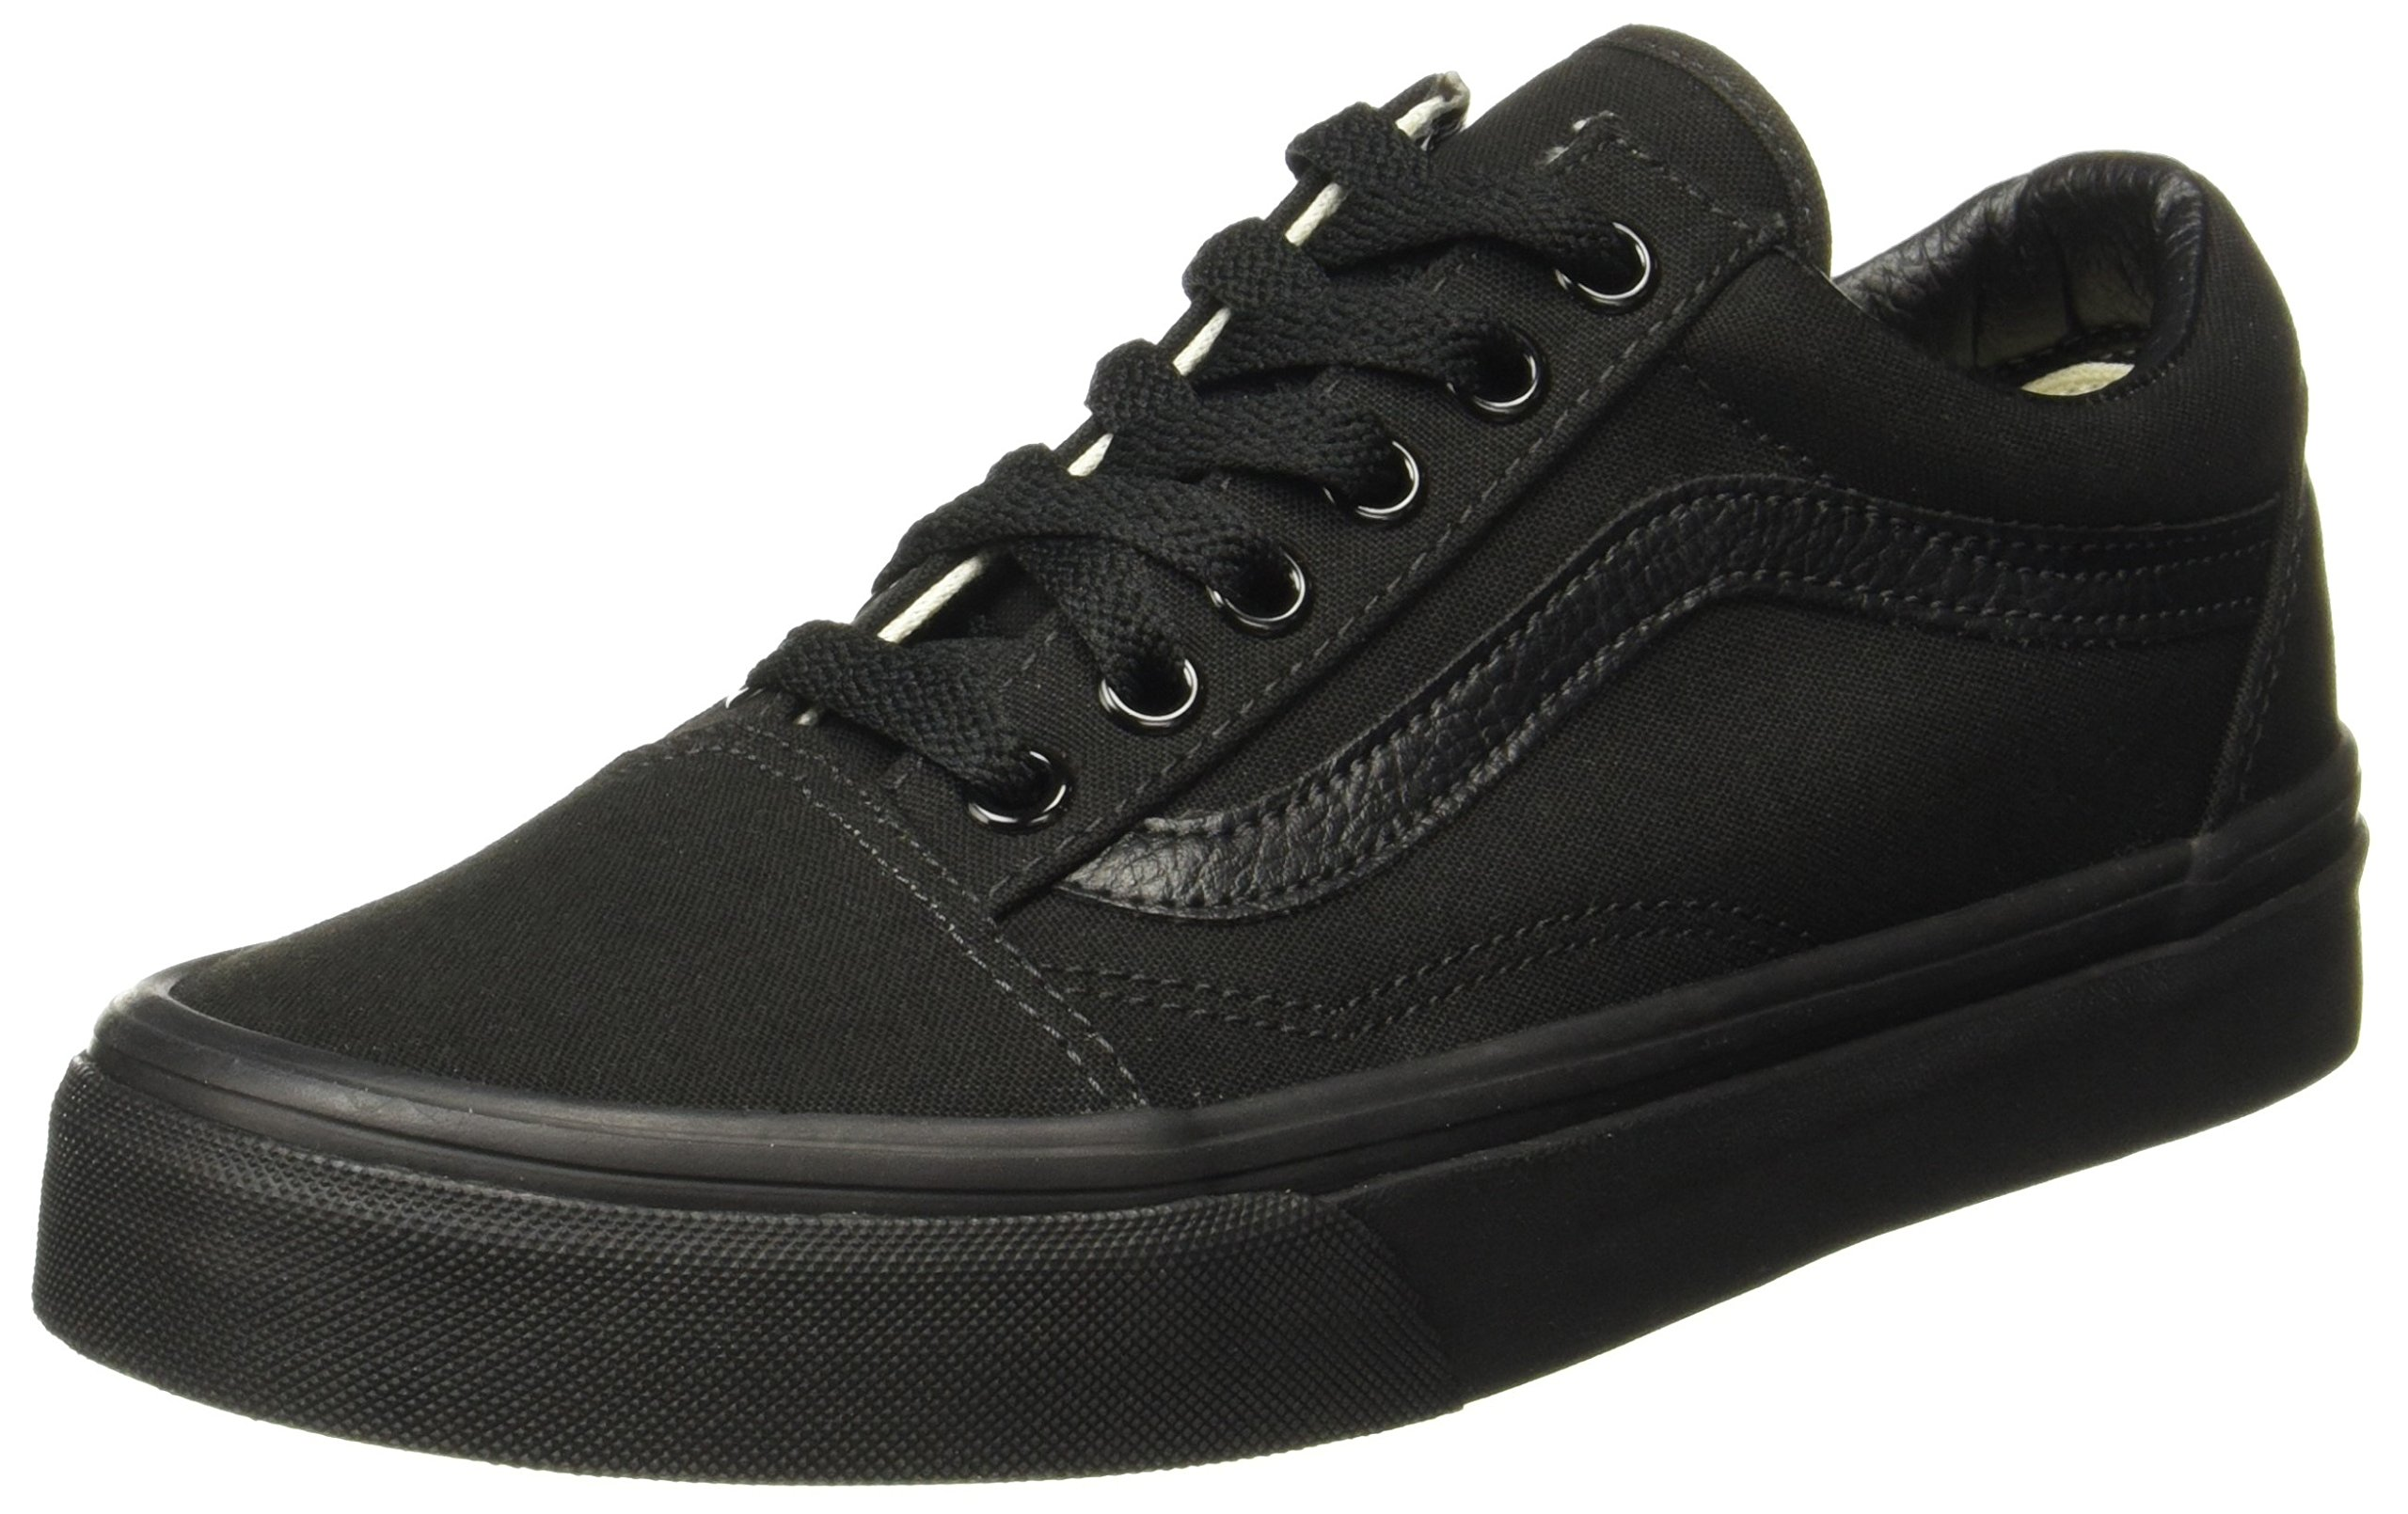 60441311fb Galleon - Vans Men s OLD SKOOL SKATE SHOES 5.5 (BLACK BLACK)